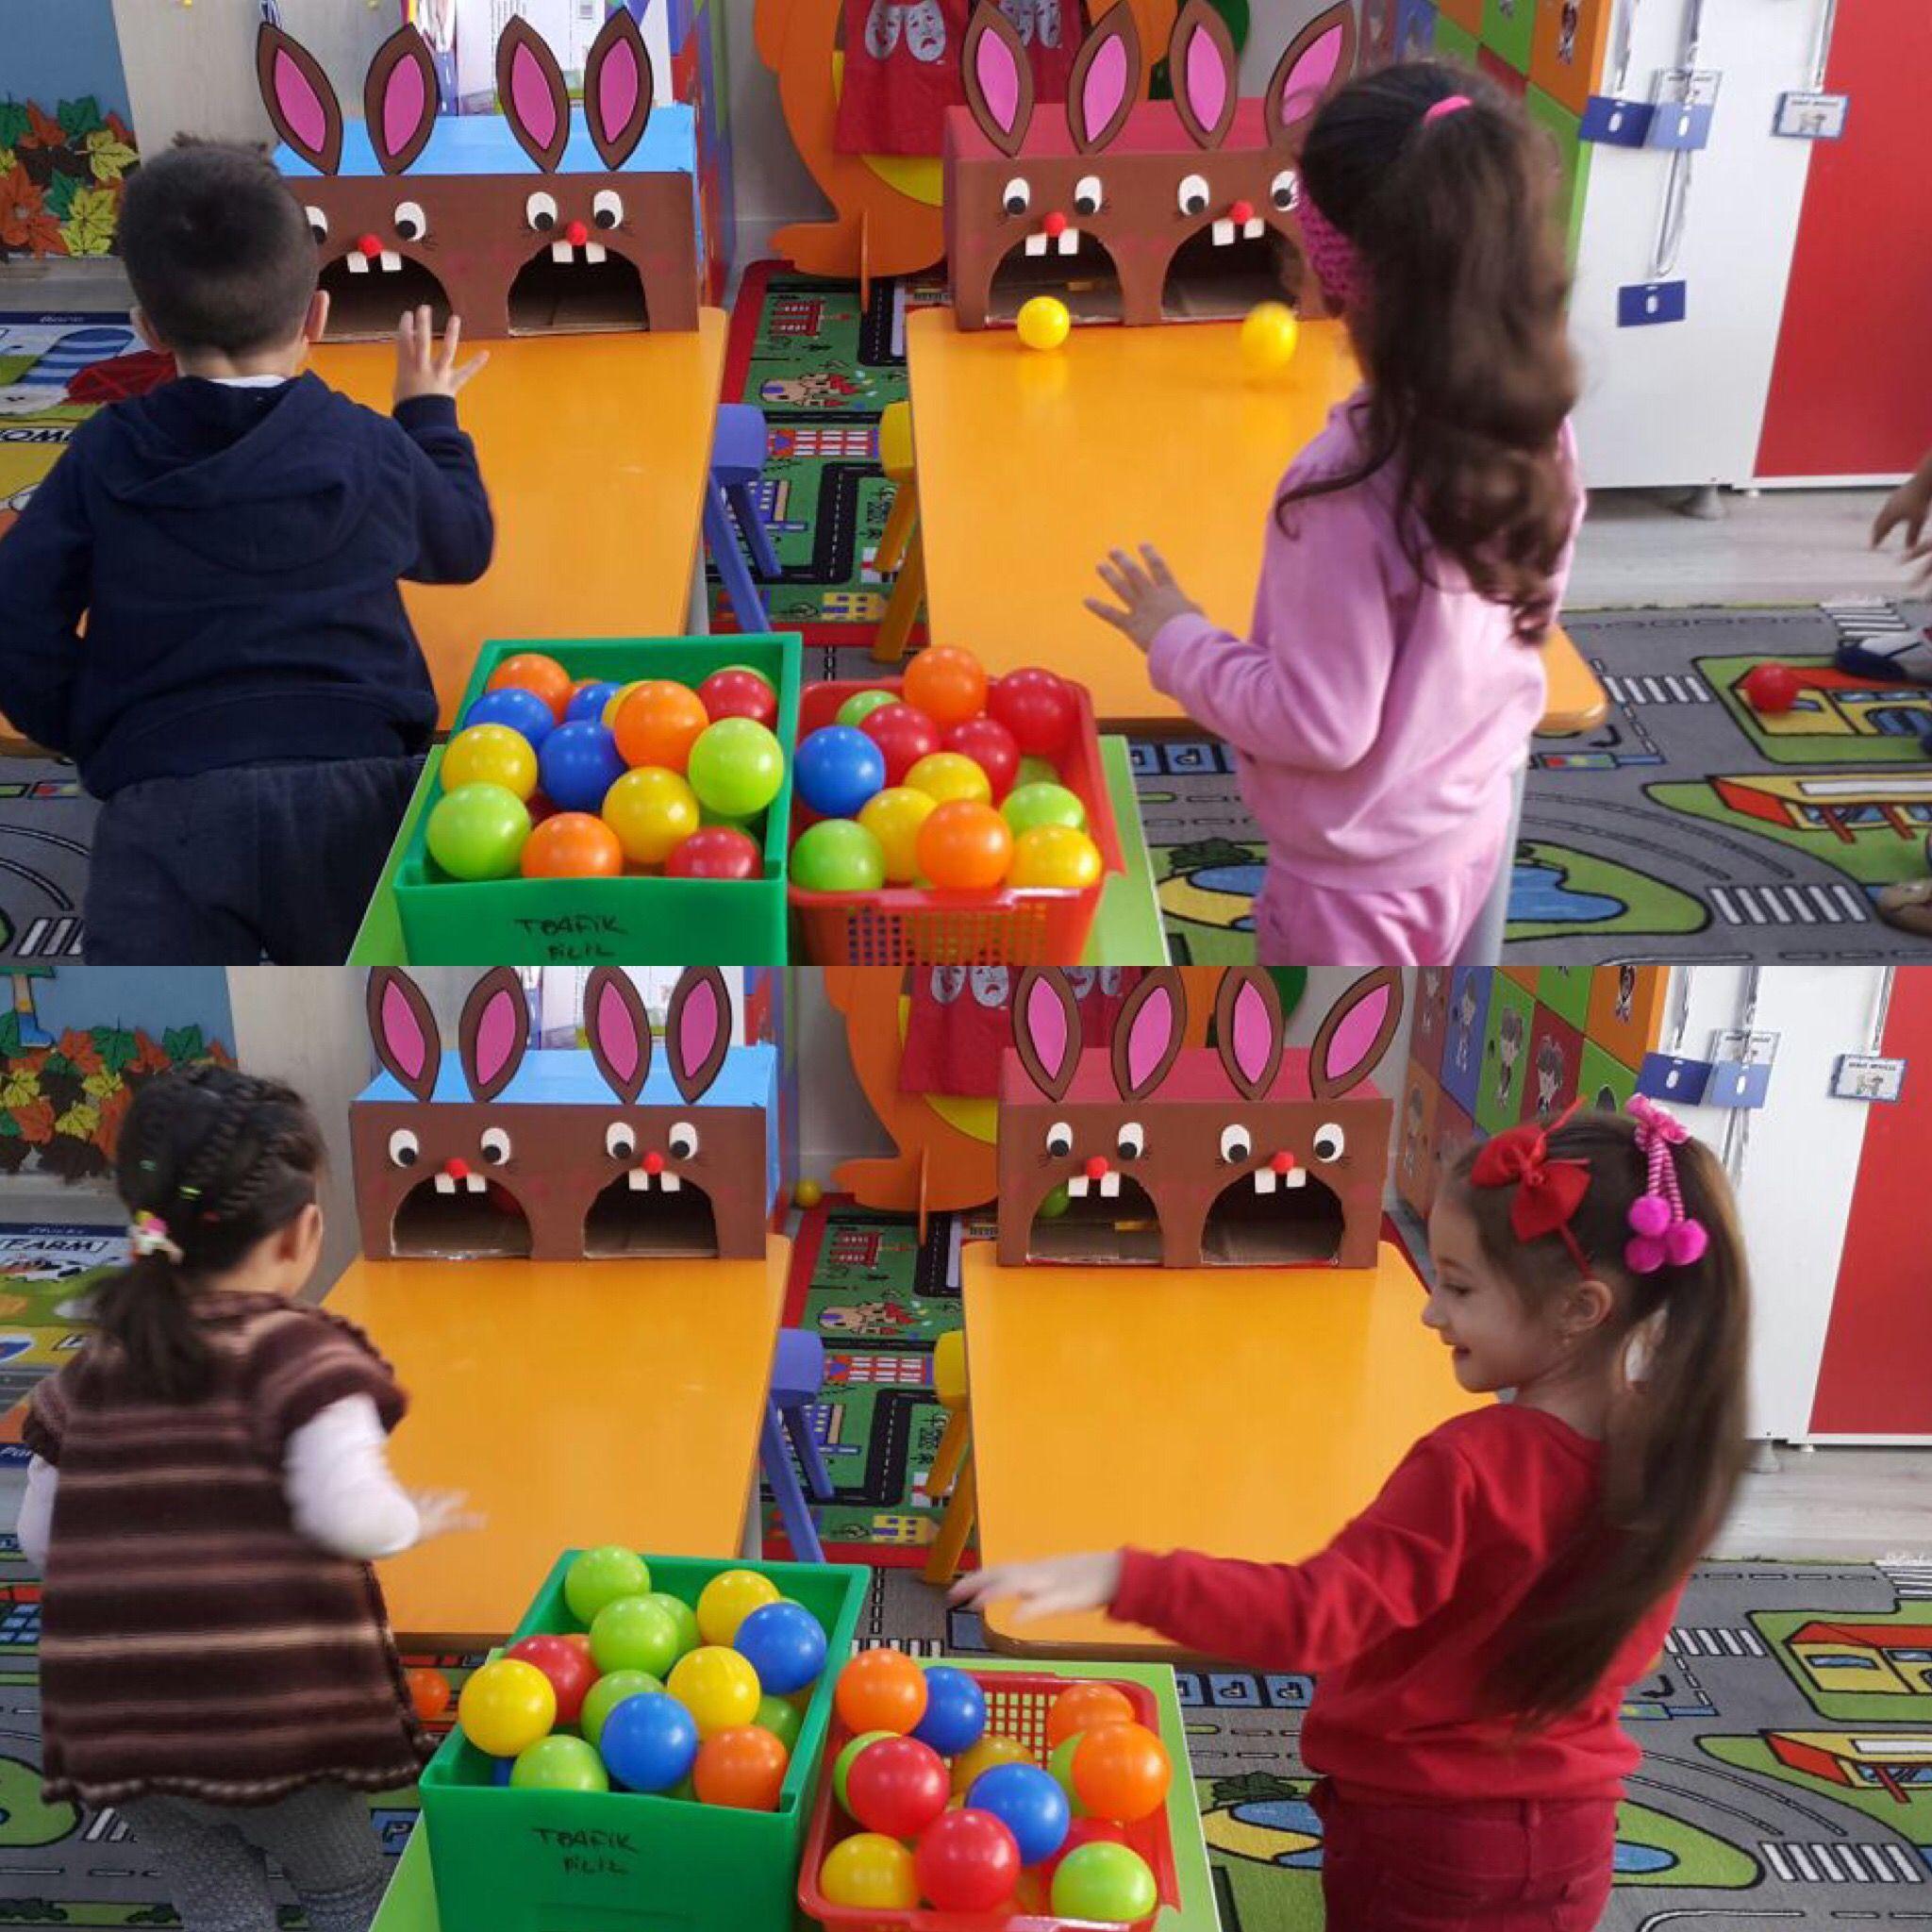 Oyun Okuloncesi Hedef Preschool משחקי ילדים Pinterest Juego